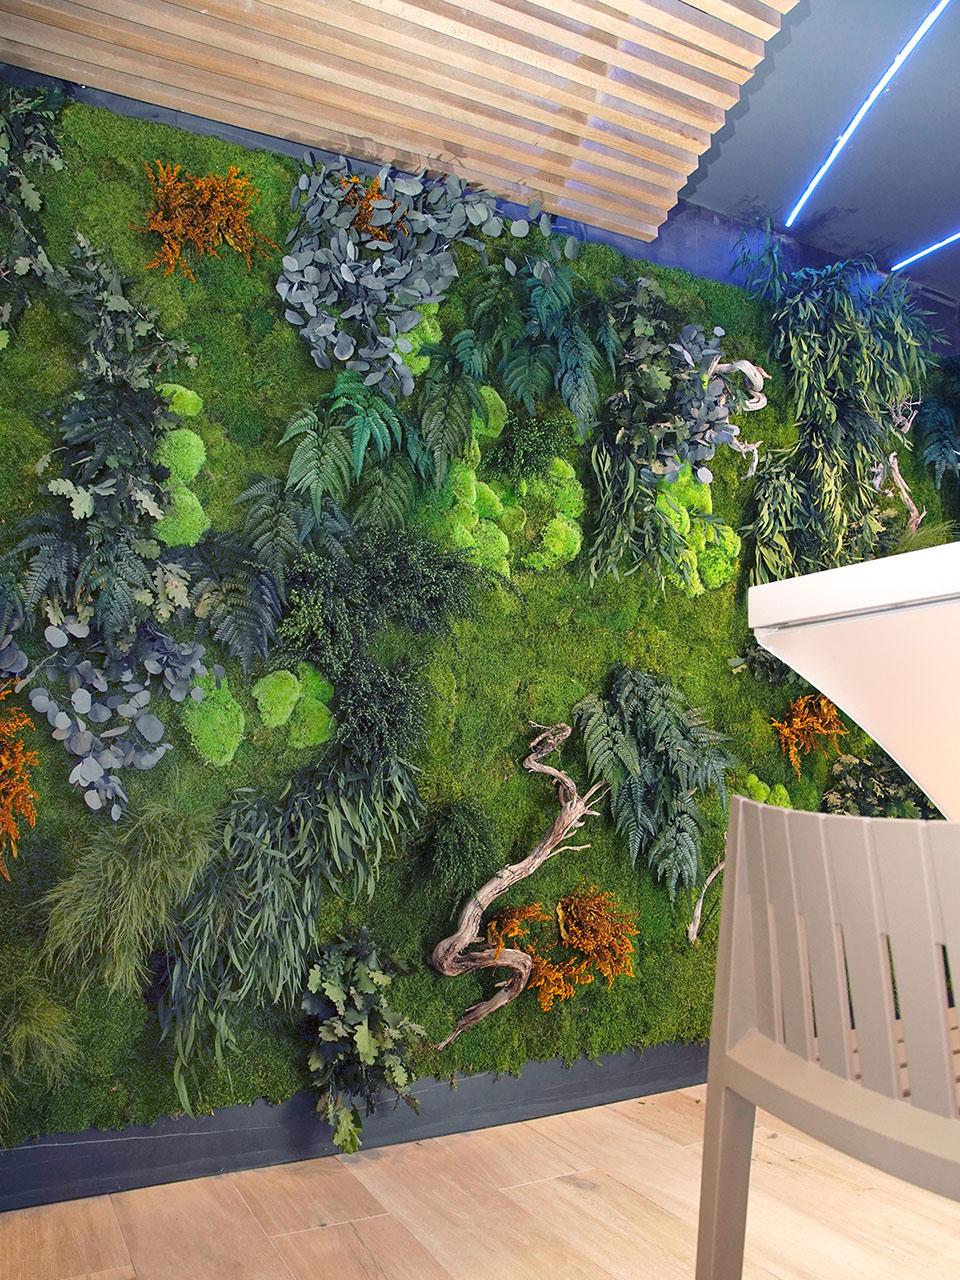 greenarea-jardín-vertical-interior